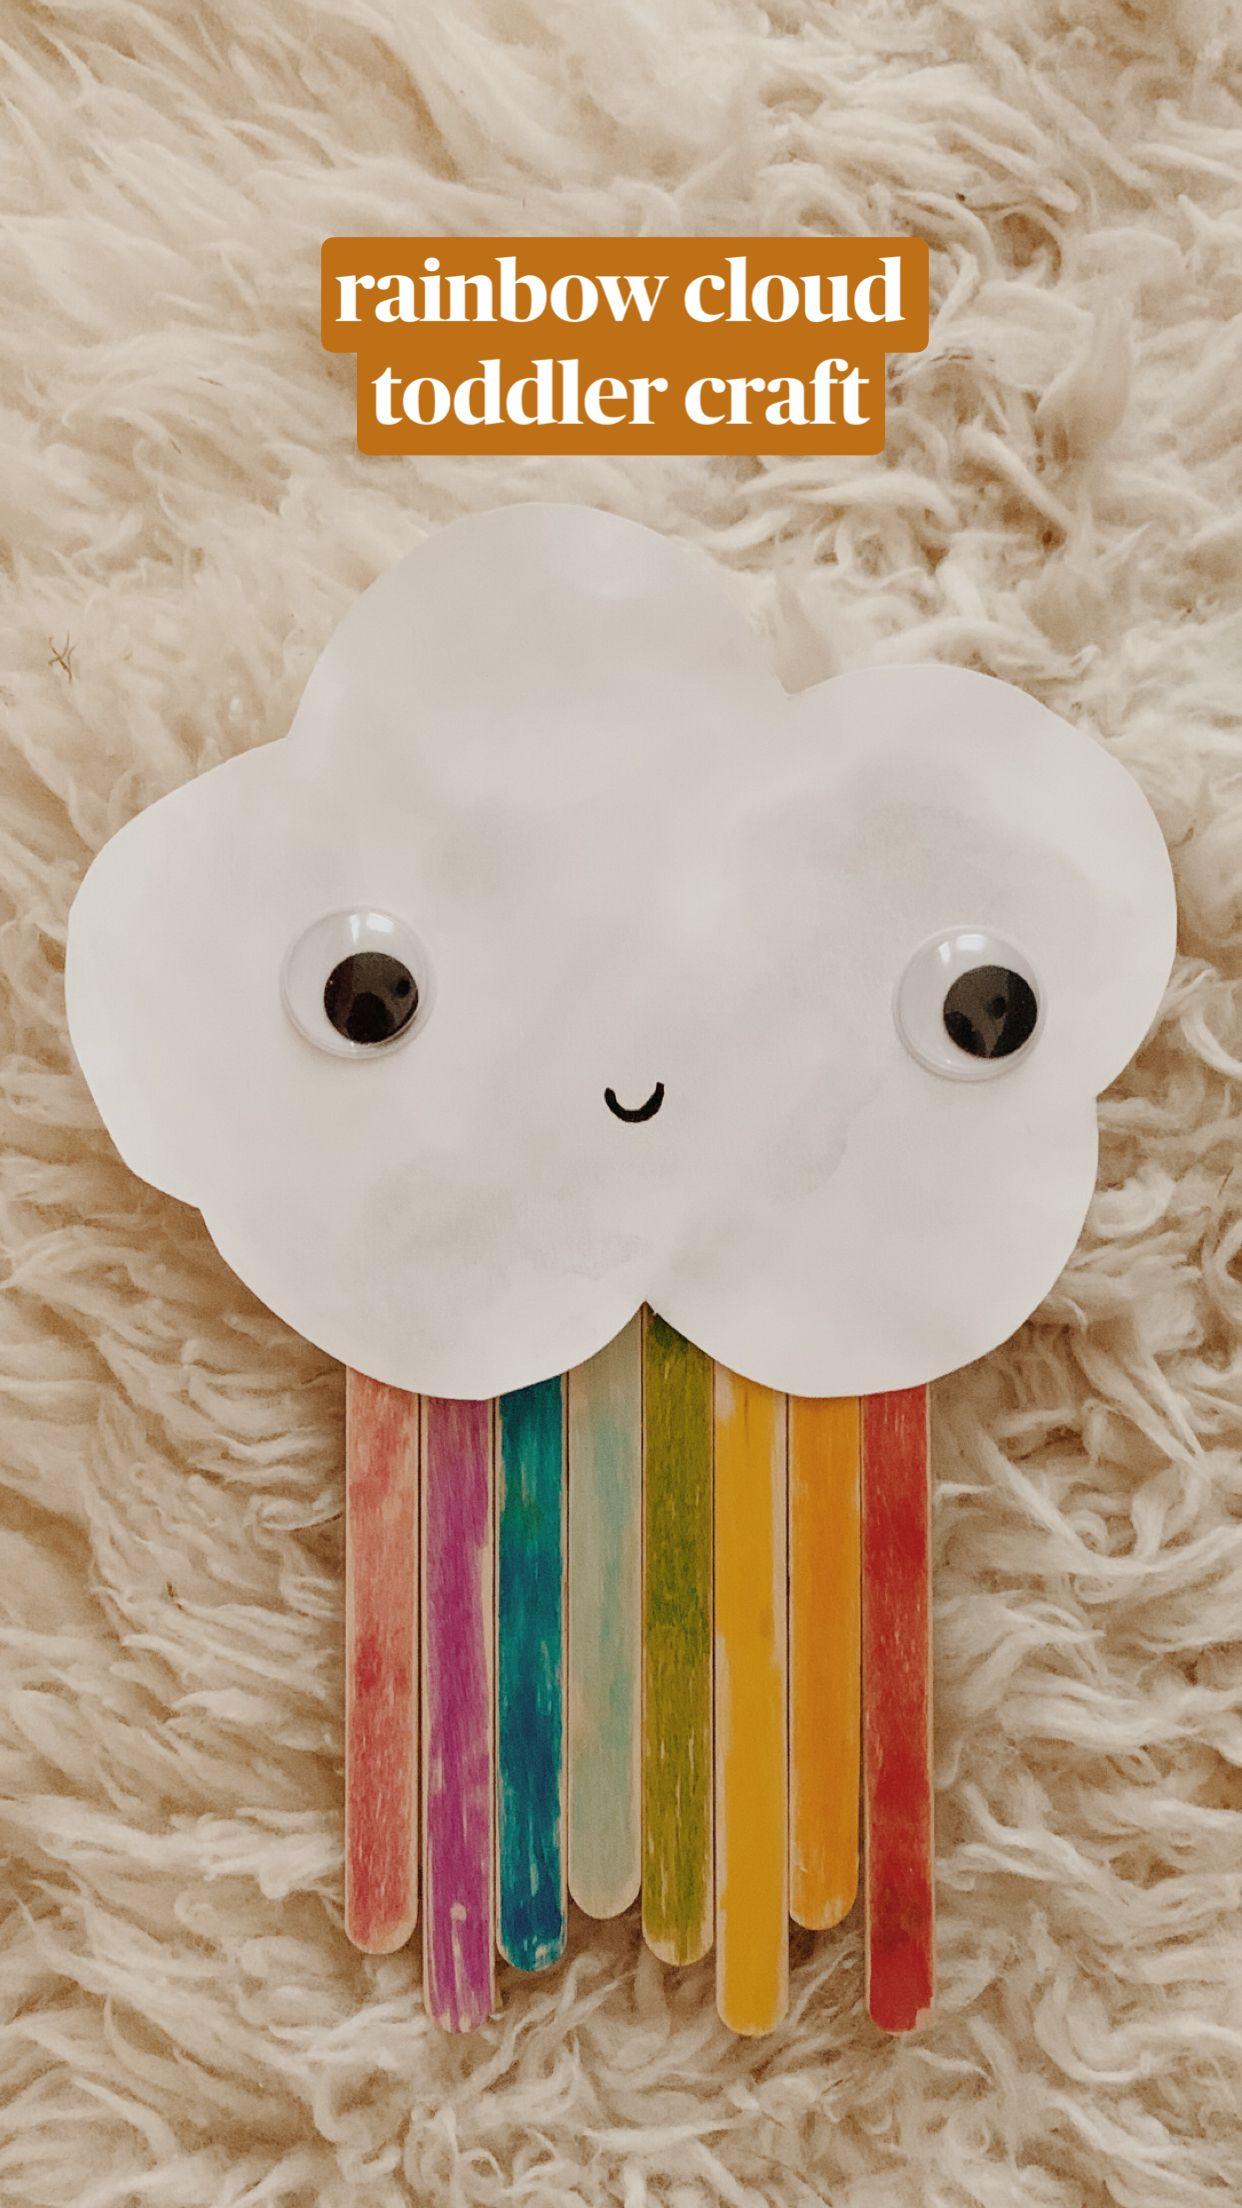 rainbow cloud toddler craft